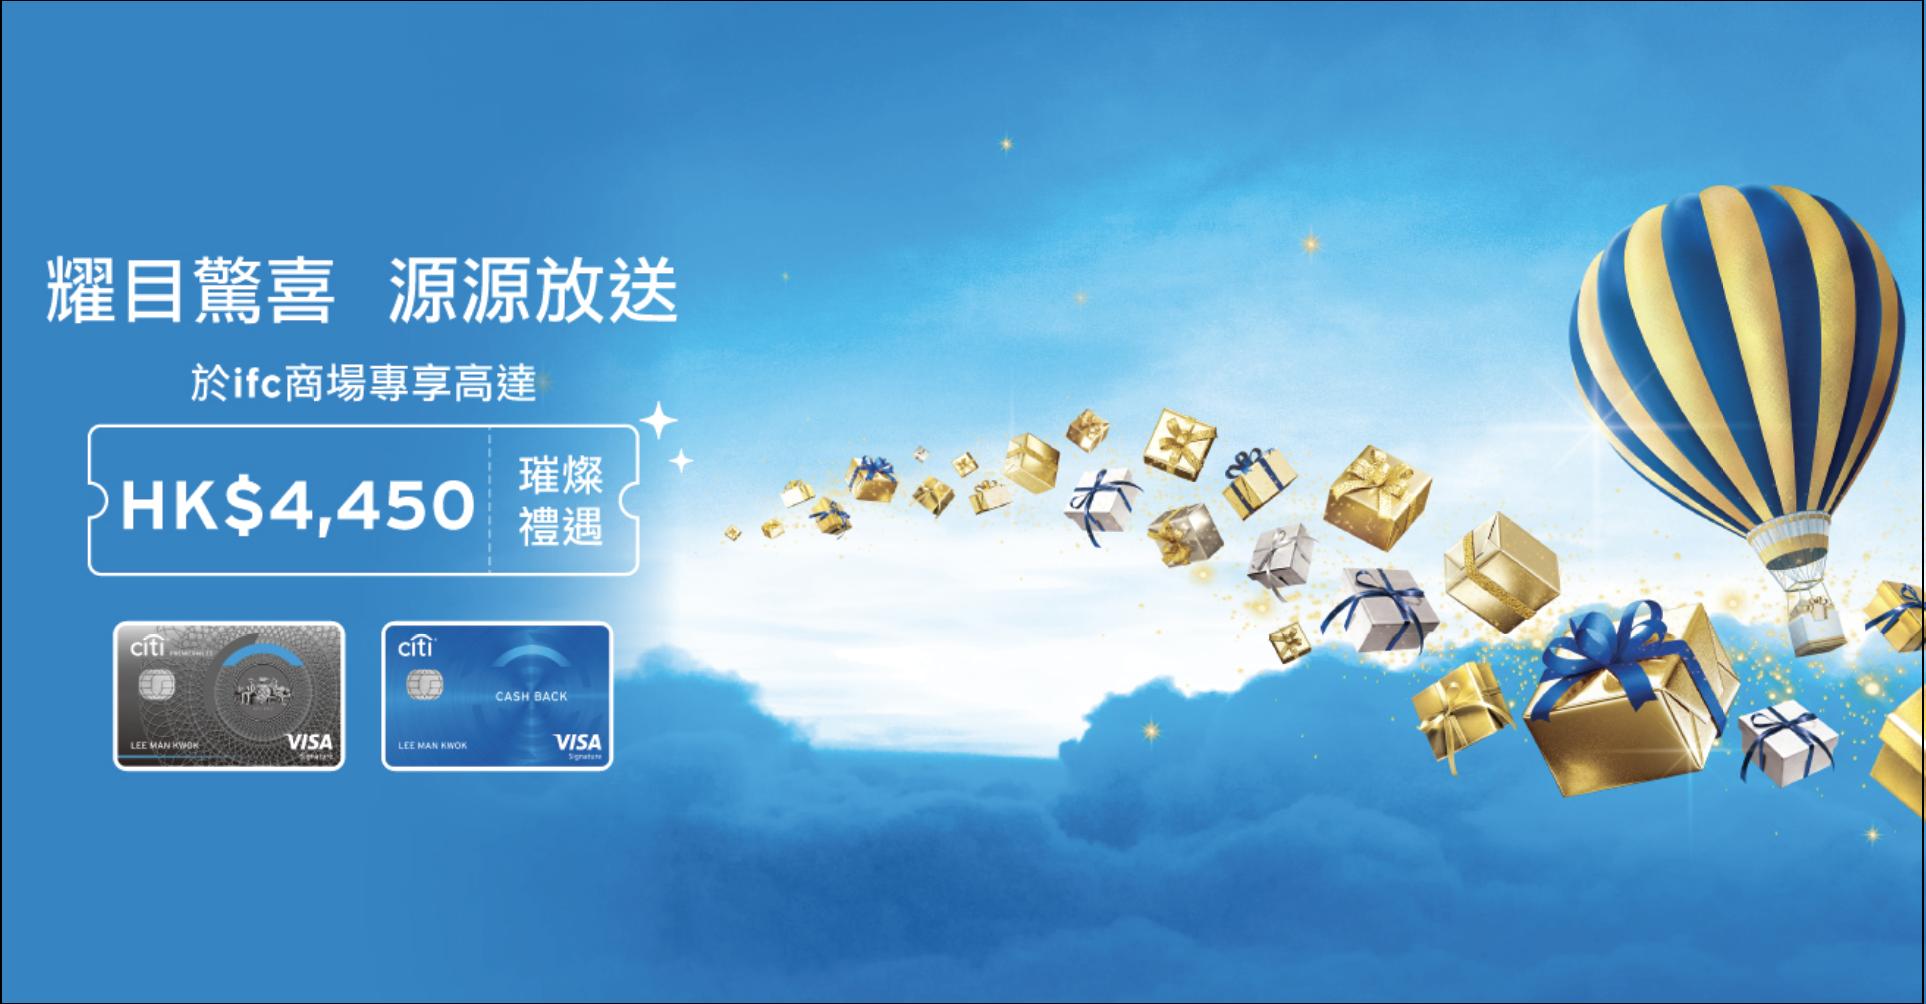 Citi 信用卡IFC優惠!4個優惠加埋高達HK$4,450 city'super購物禮券!